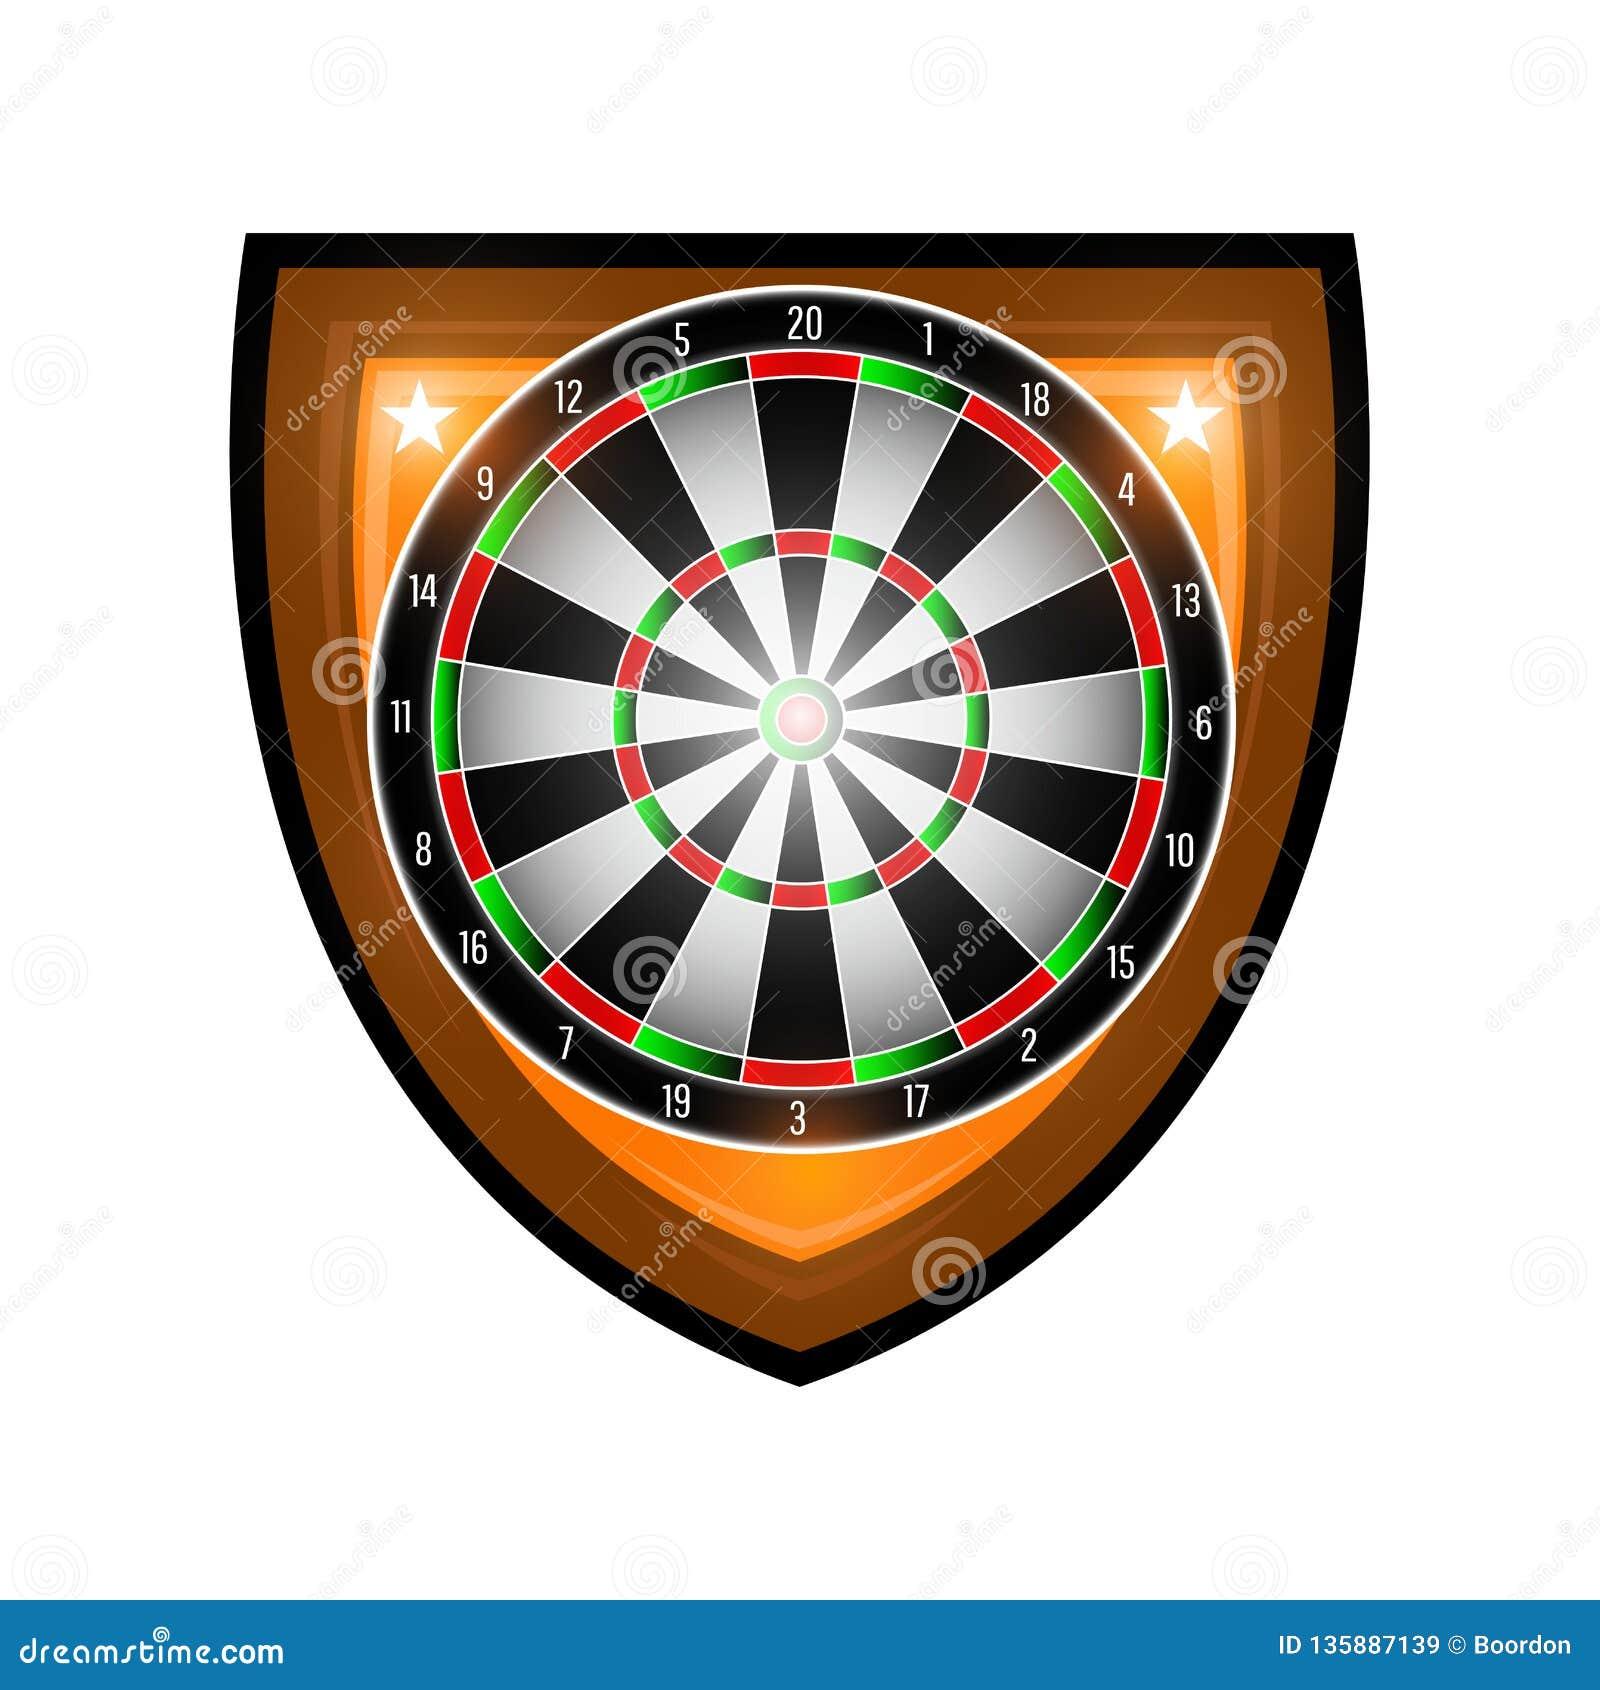 Rond die dartboard in centrum van schild op wit wordt geïsoleerd Sportembleem voor om het even welk pijltjesspel of kampioenschap